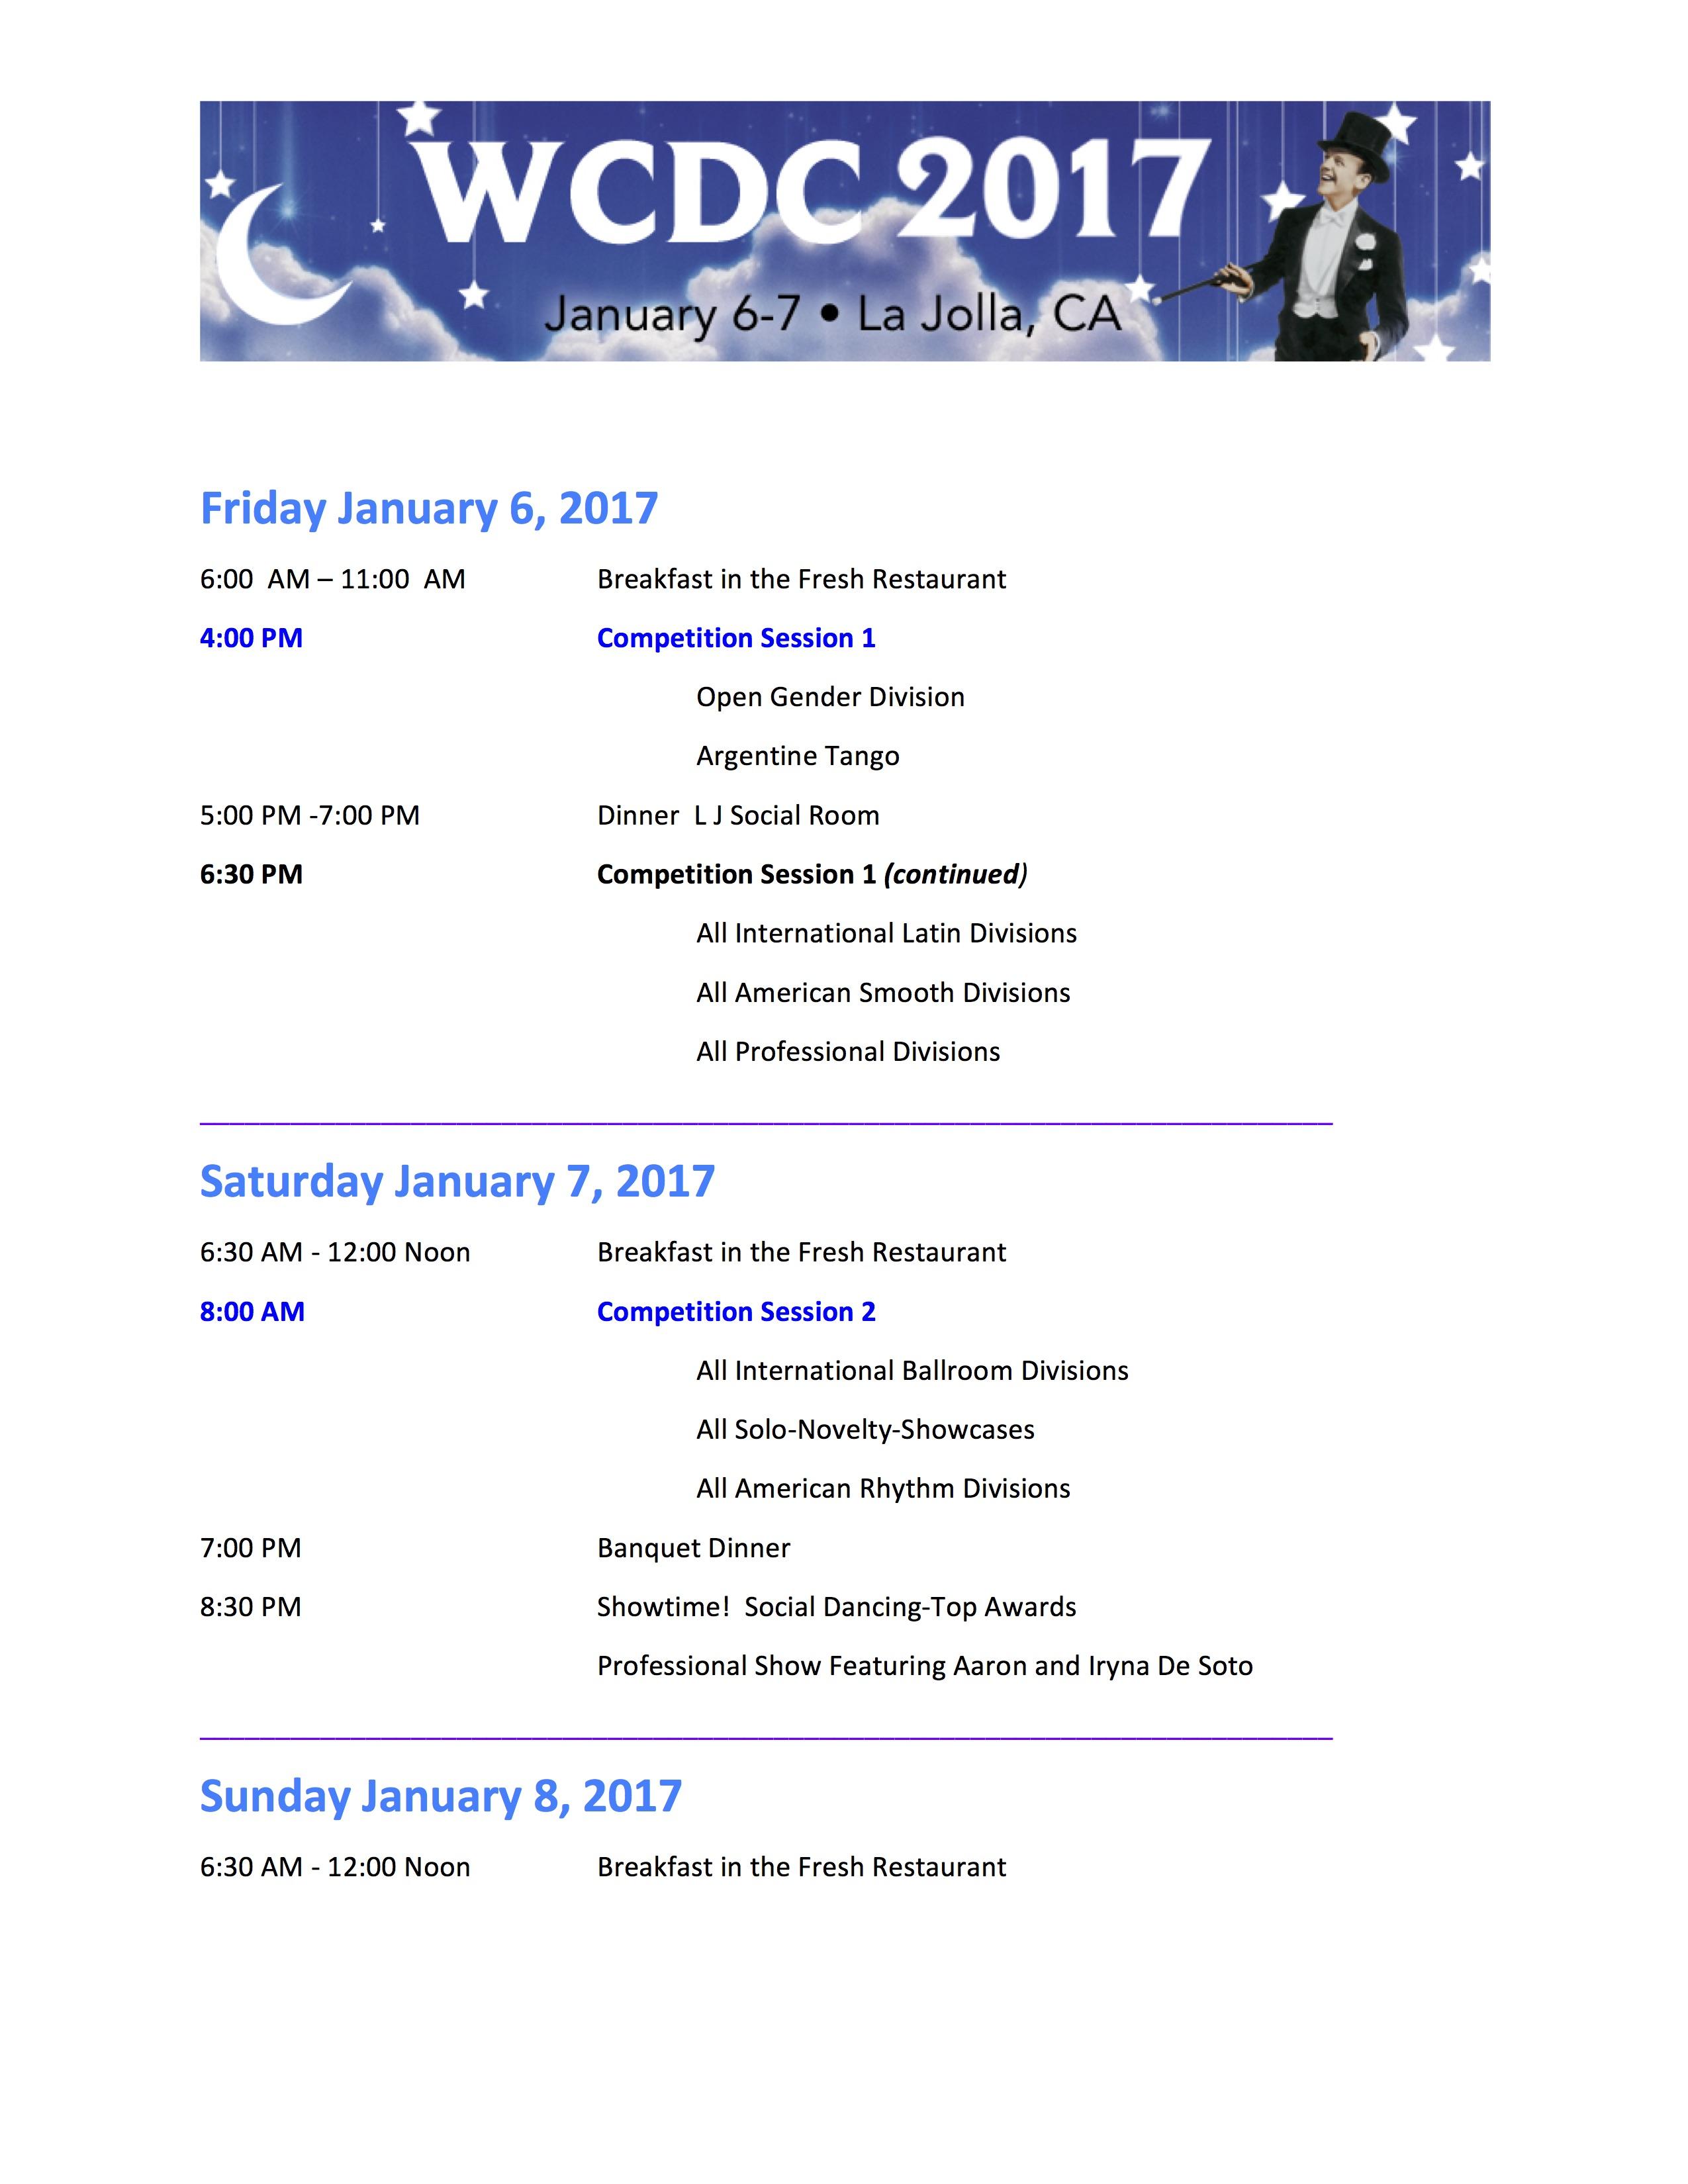 WCDC 2017 Schedule